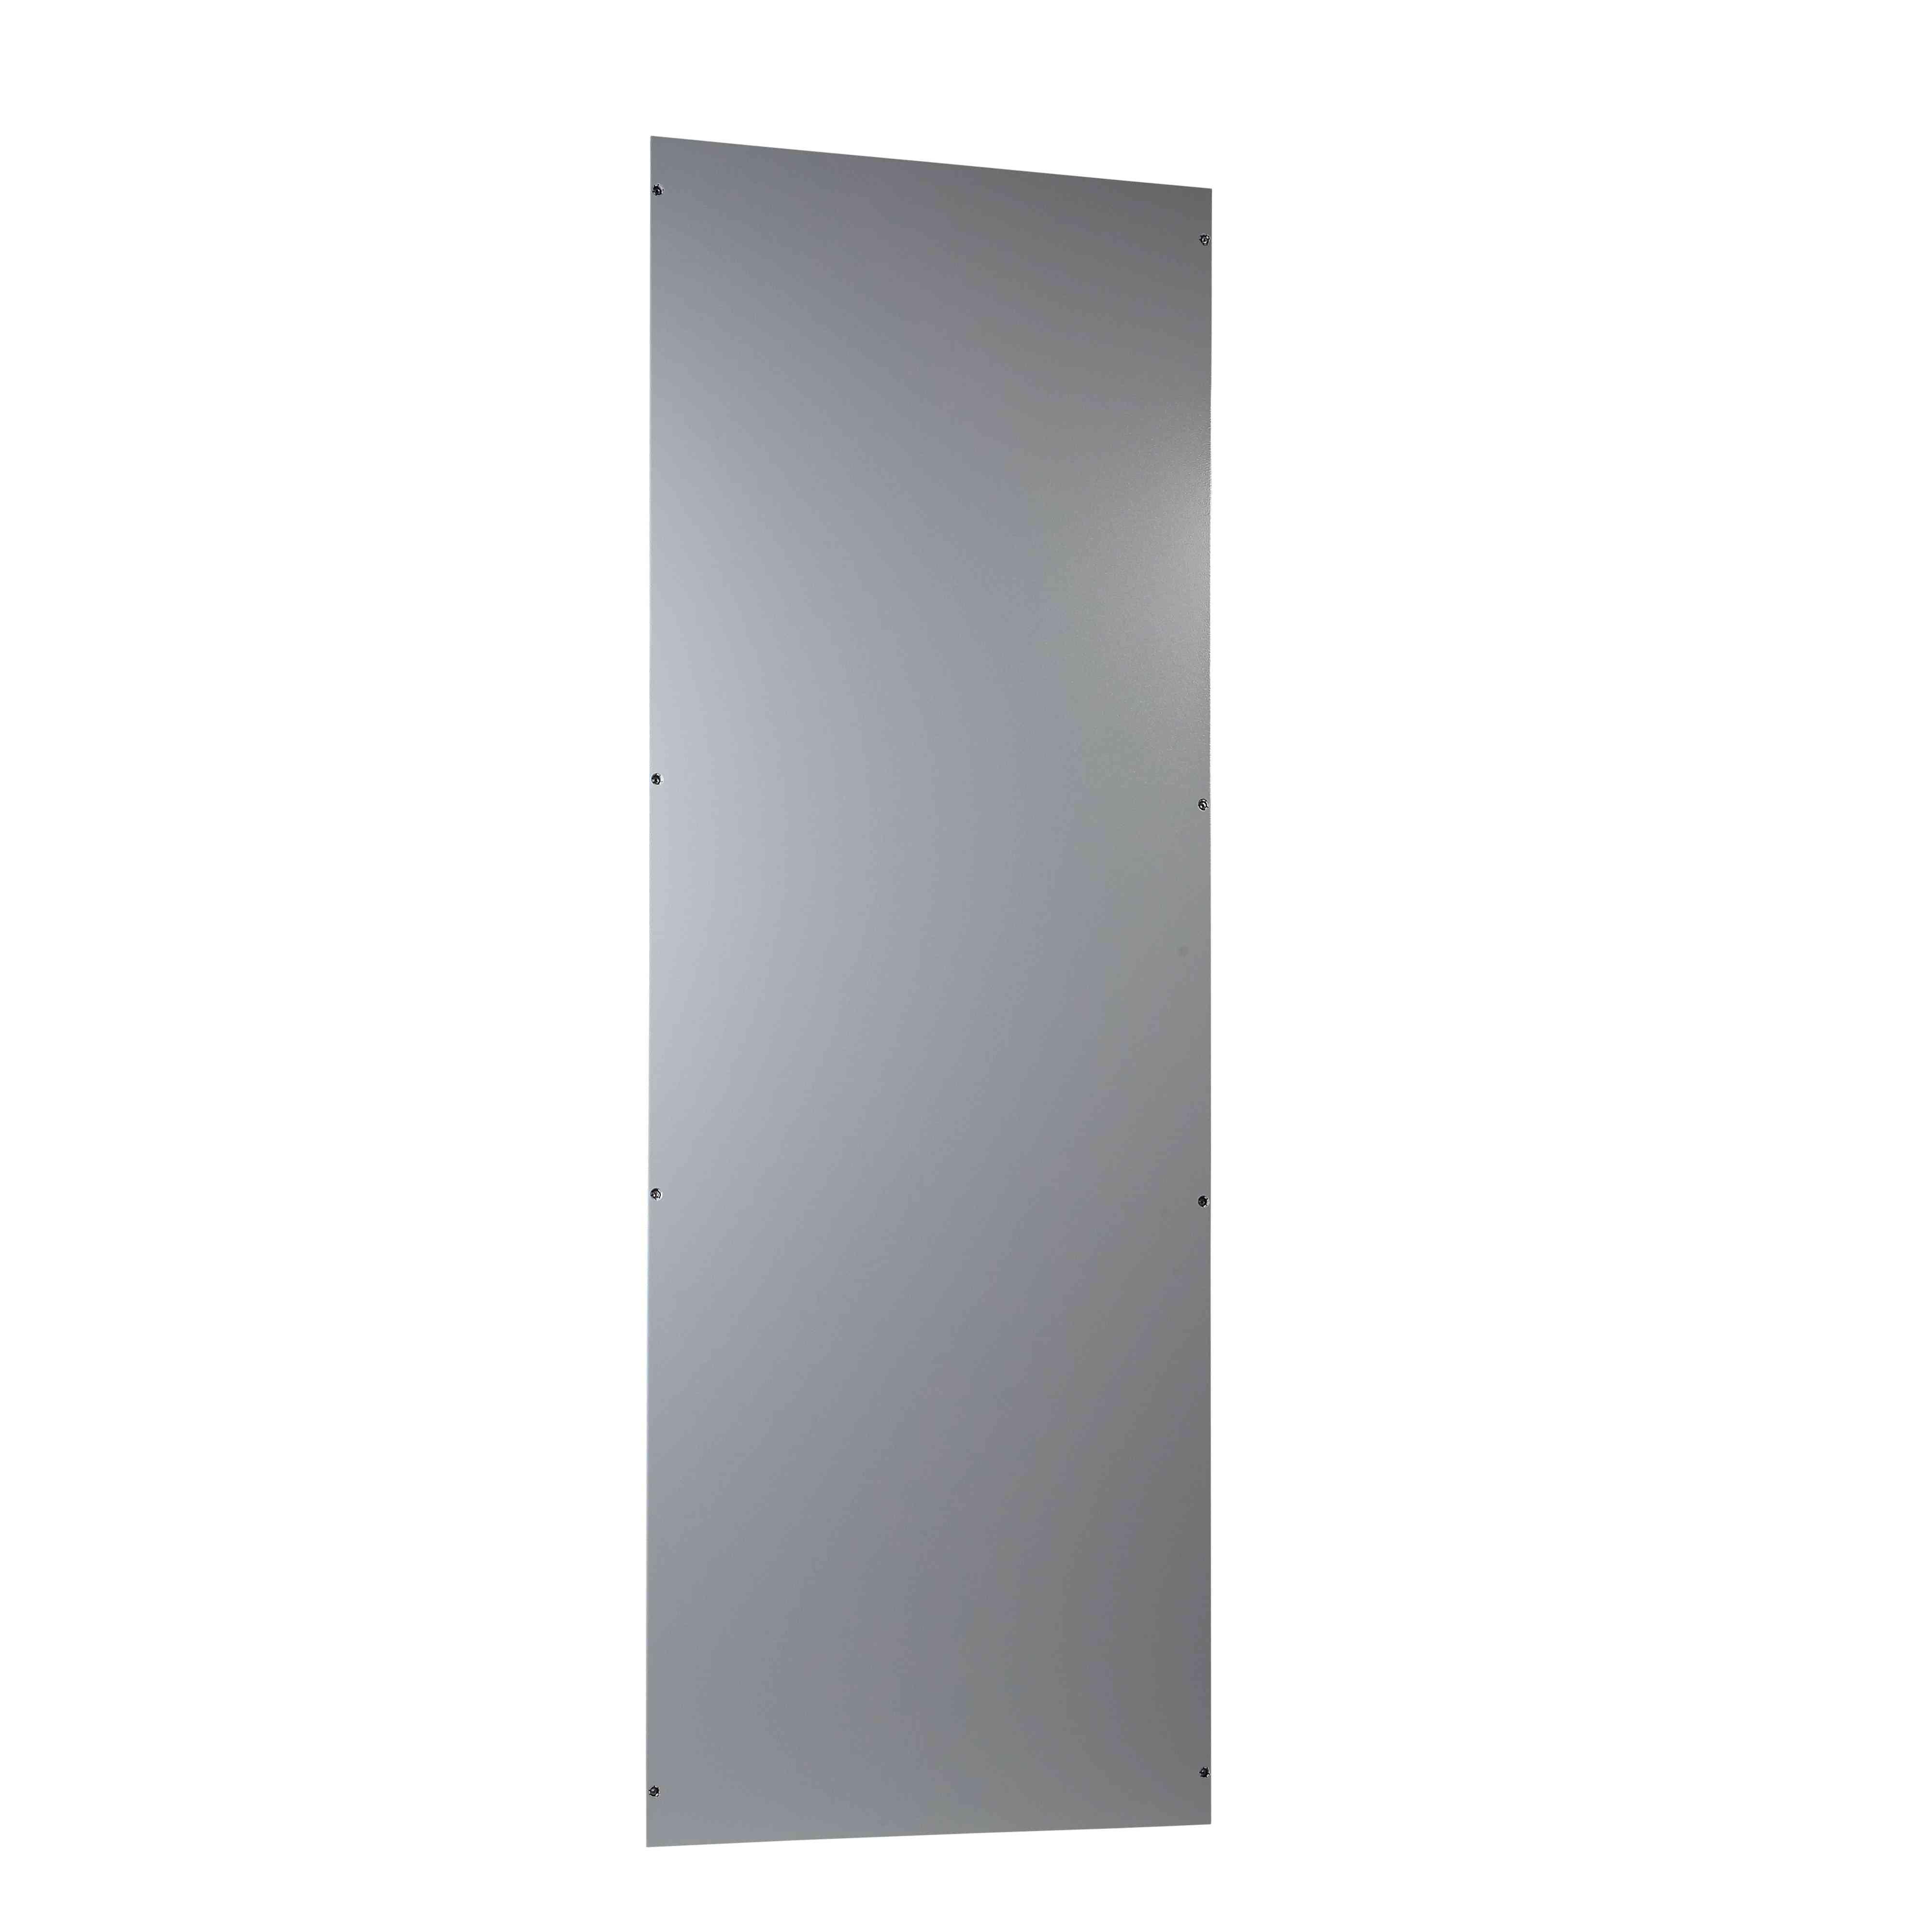 Stranske plošče Spacial SF za zunanjo pritrditev - 1800 x 500 mm